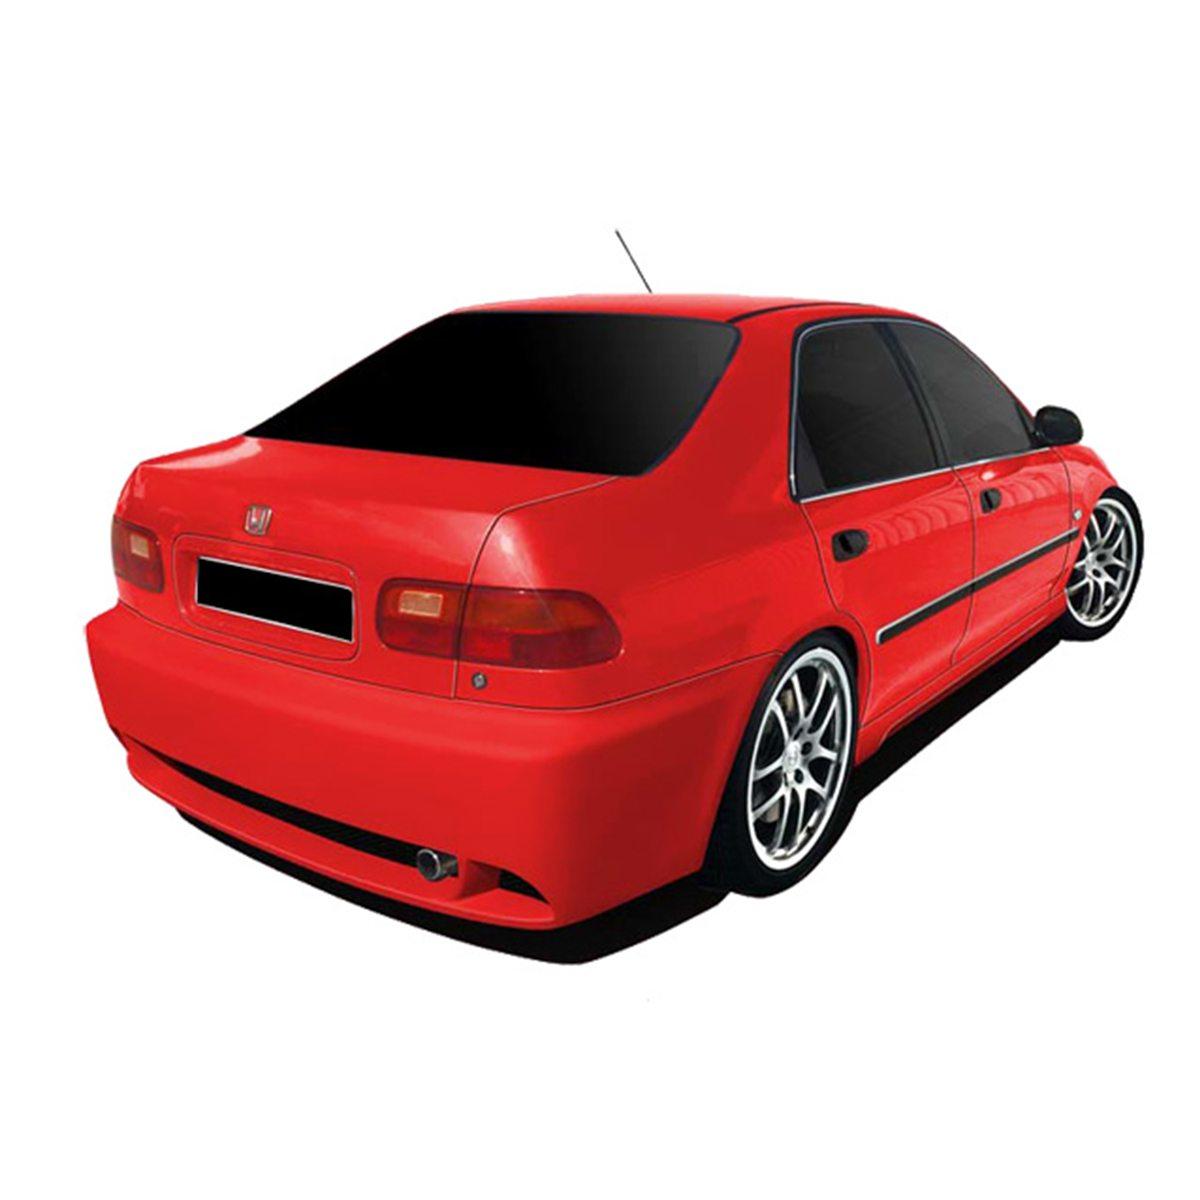 Honda-Civic-92-4P-Bang-Tras-PCS094